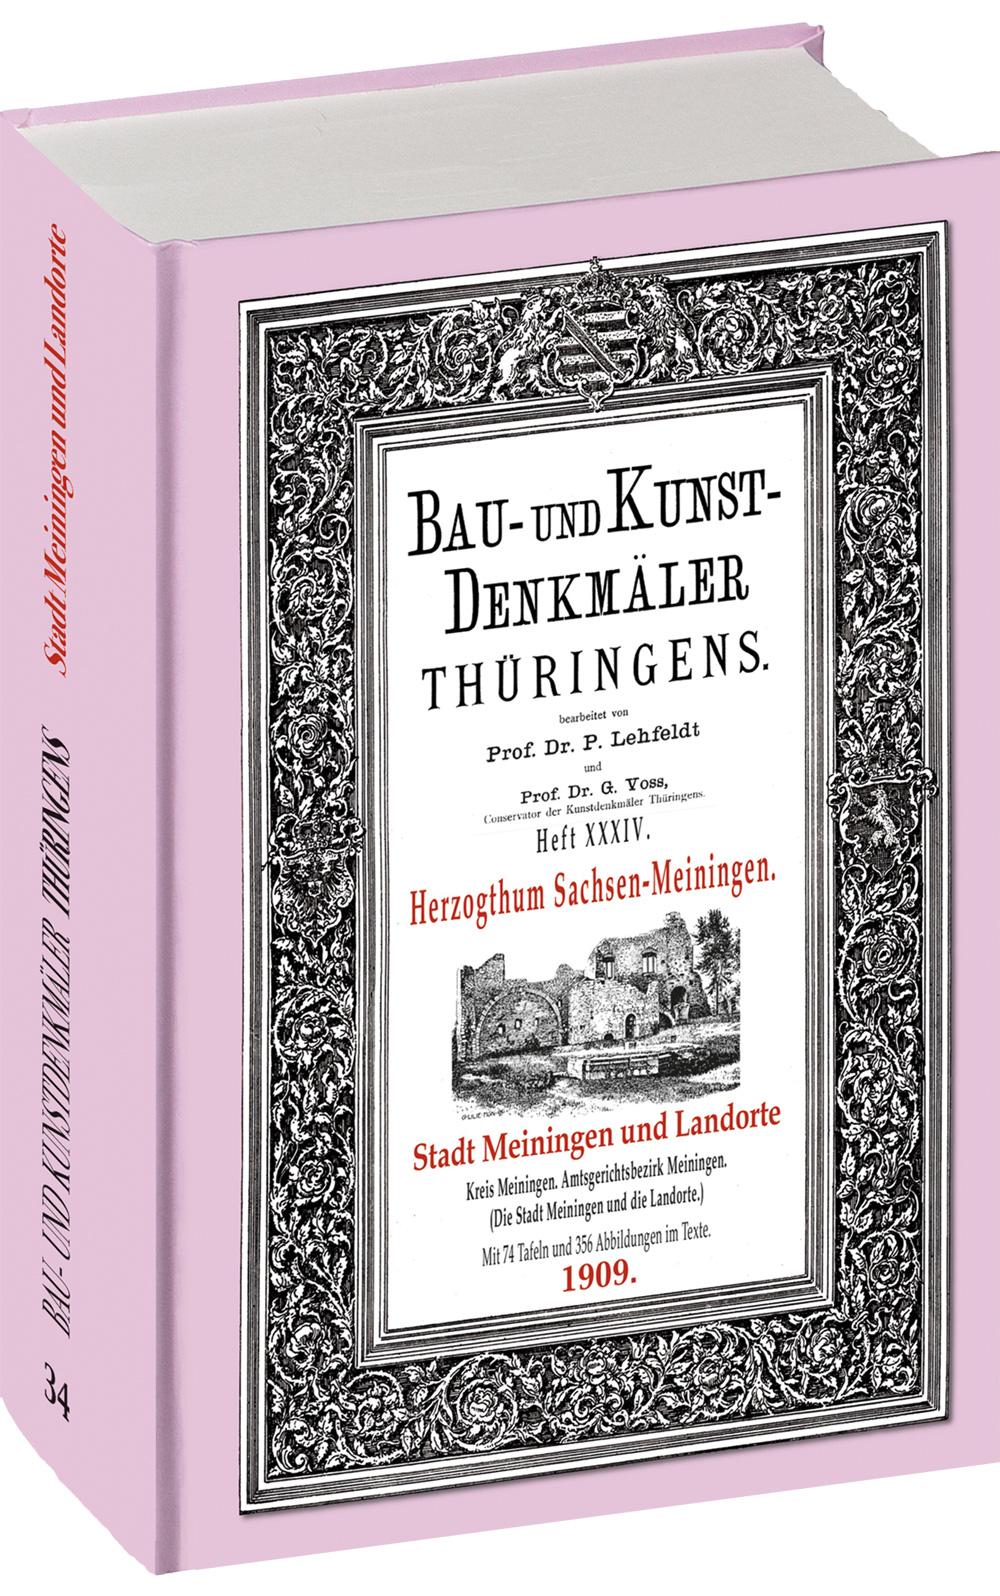 Bau- und Kunstdenkmäler Thüringens 31. STADT MEININGEN UND DIE LANDORTE 190 ...